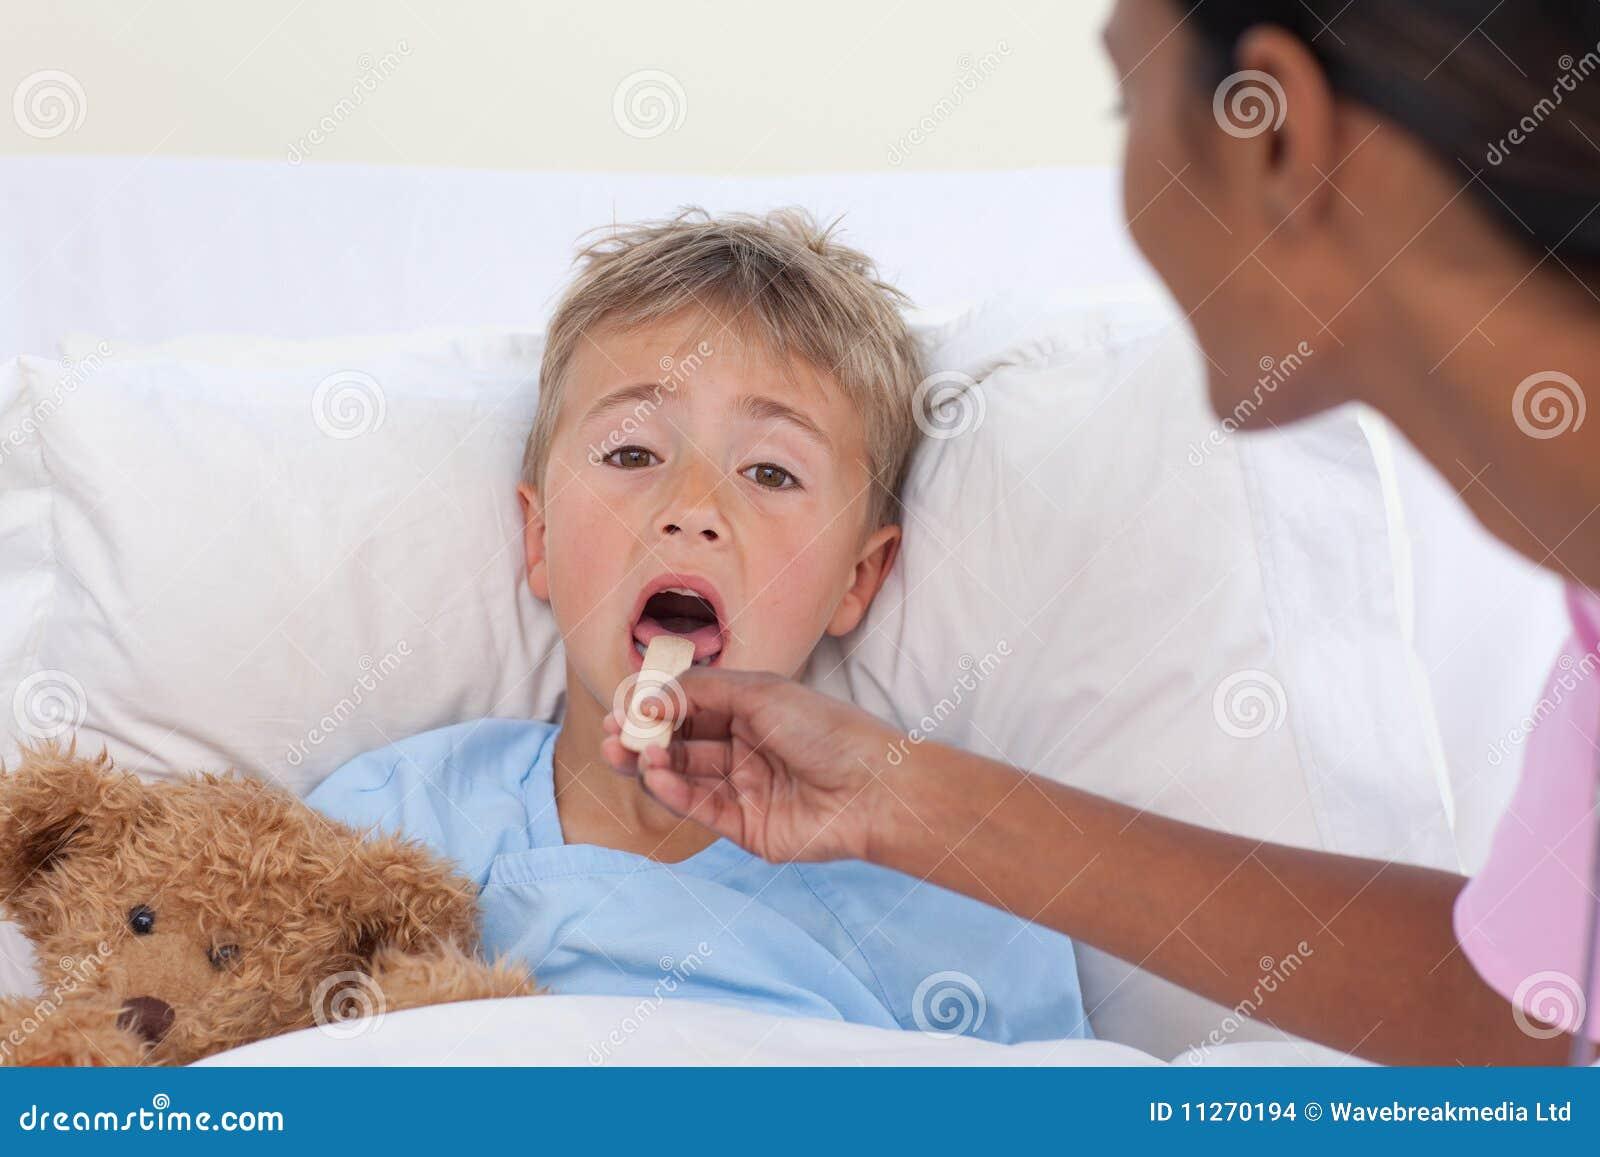 boy throat